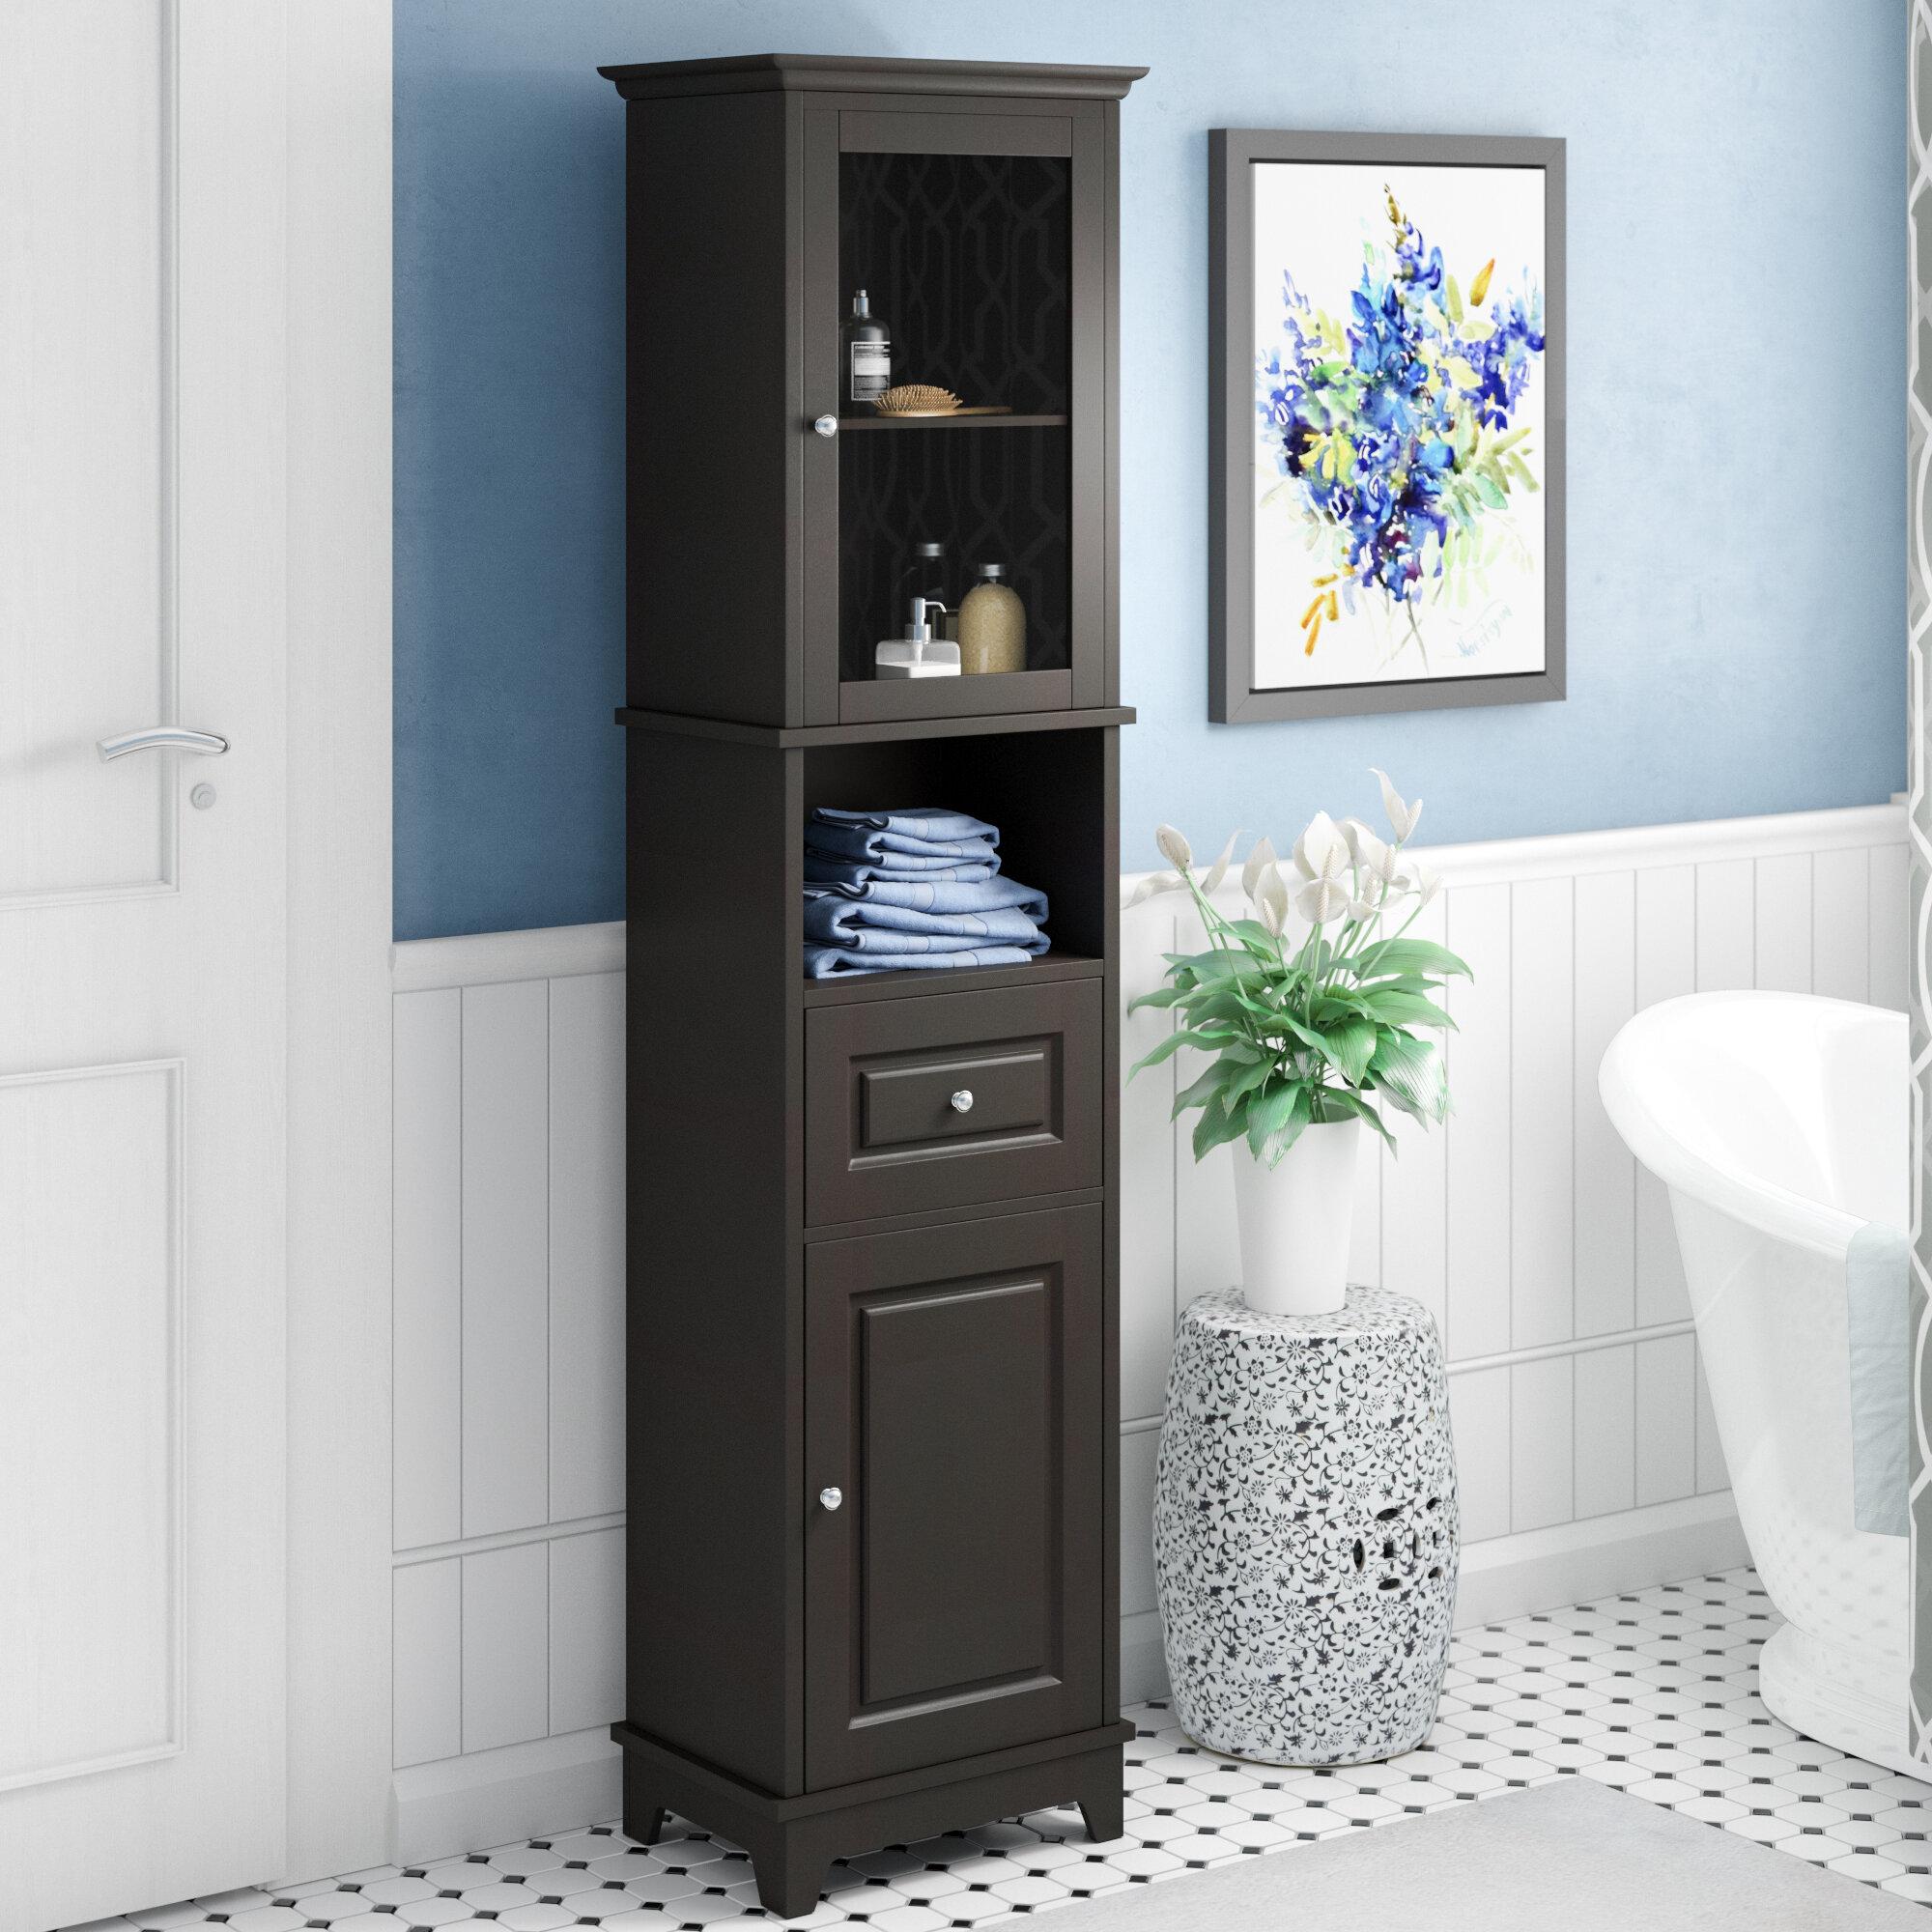 three posts new paltz 18 11 x 70 87 linen tower reviews wayfair rh wayfair com Linen Cabinets for Small Bathrooms bathroom cabinets and linen towers